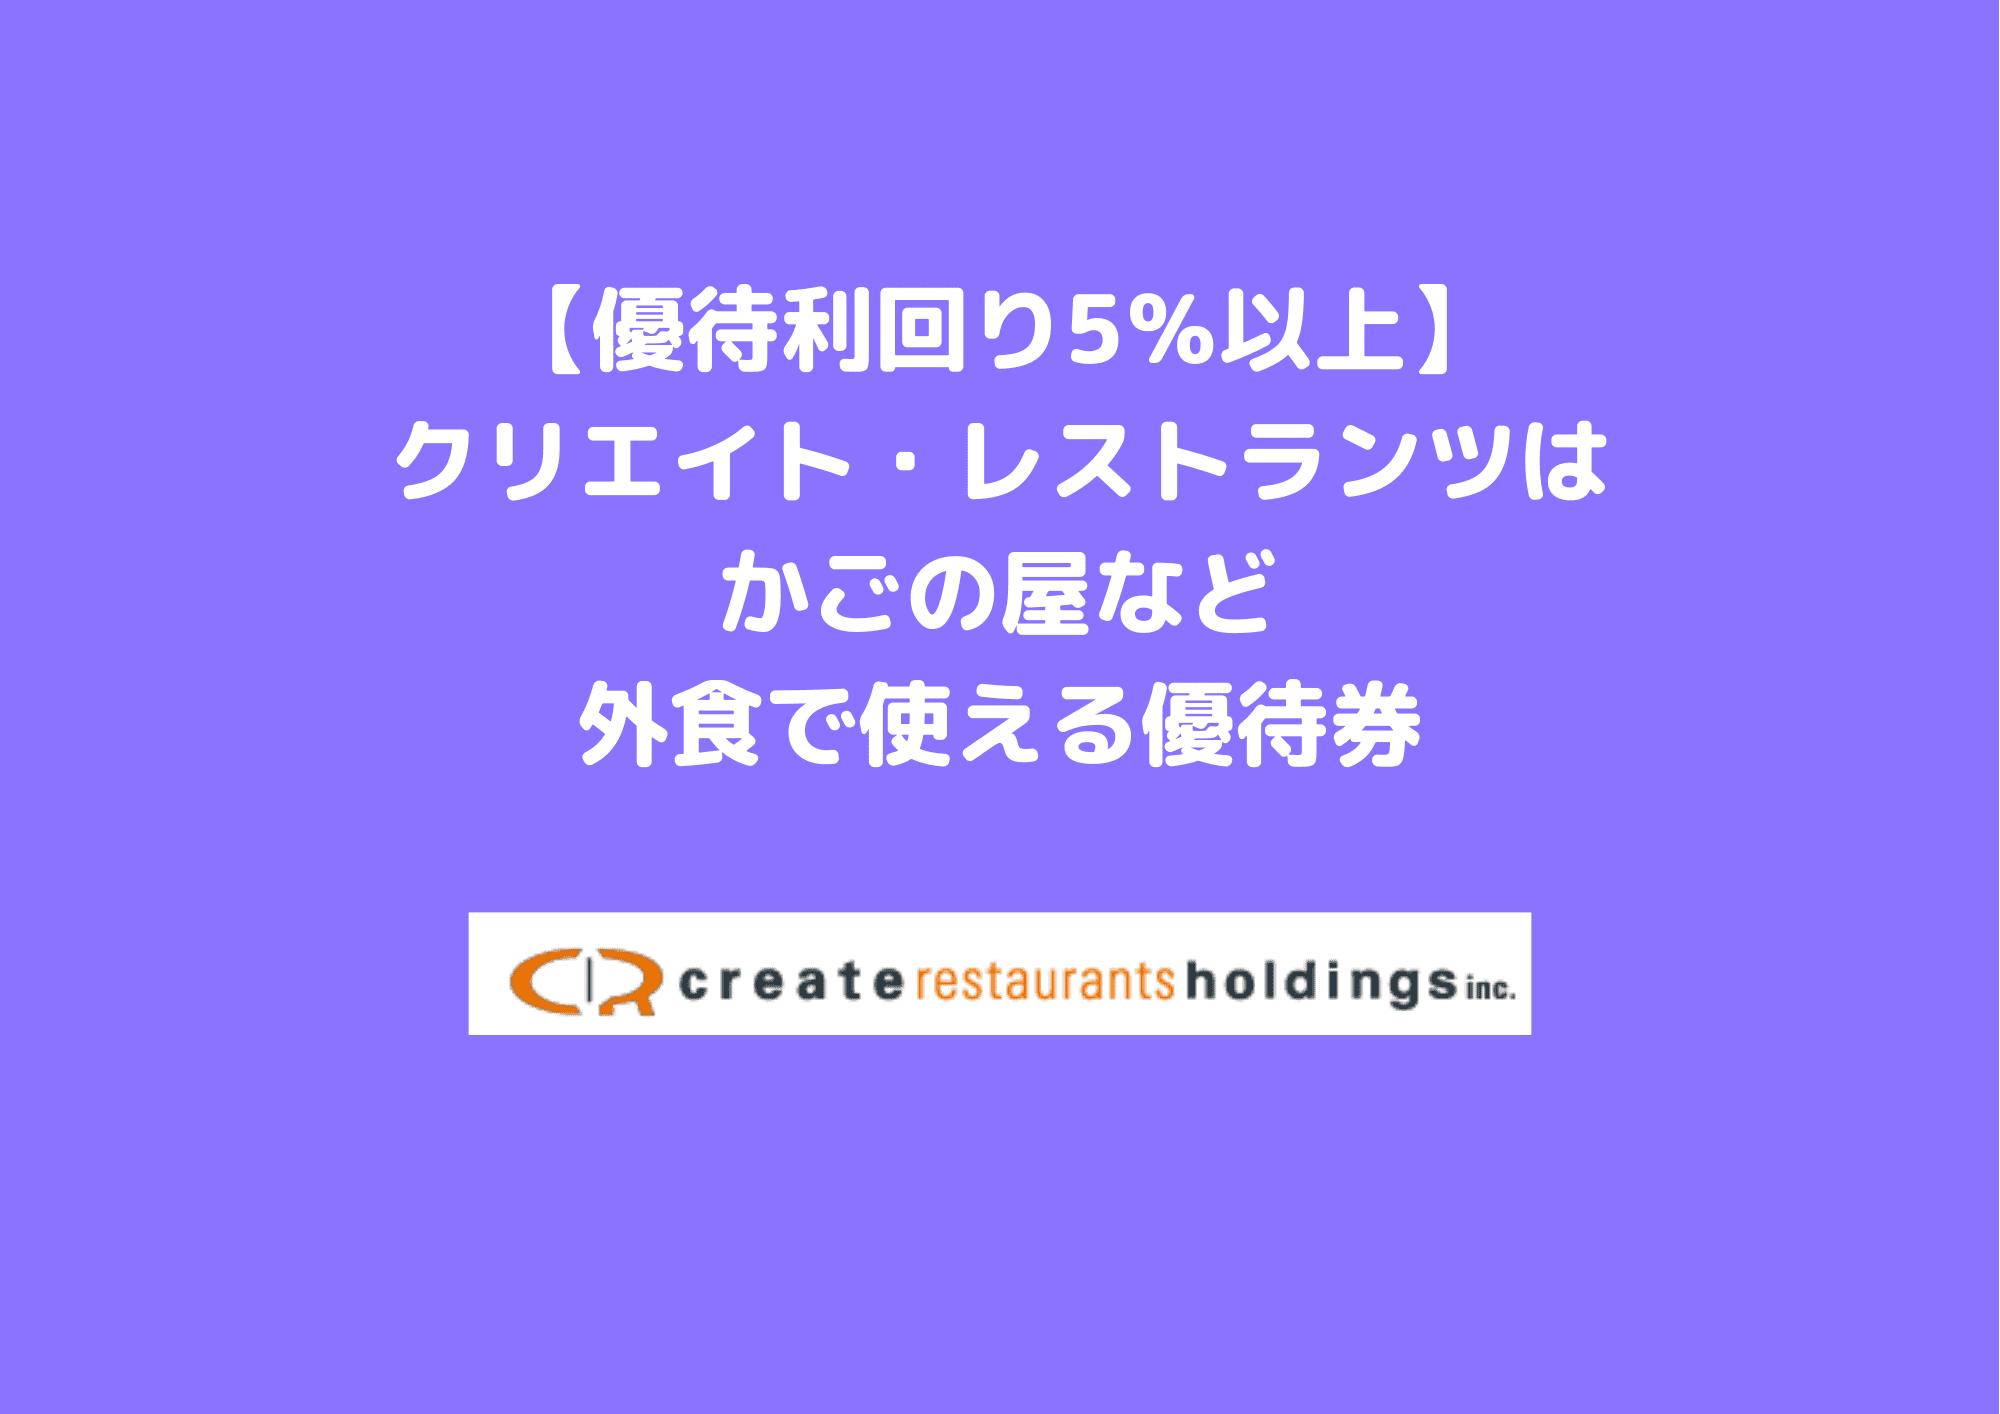 クリエイト・レストランツ優待 (1)